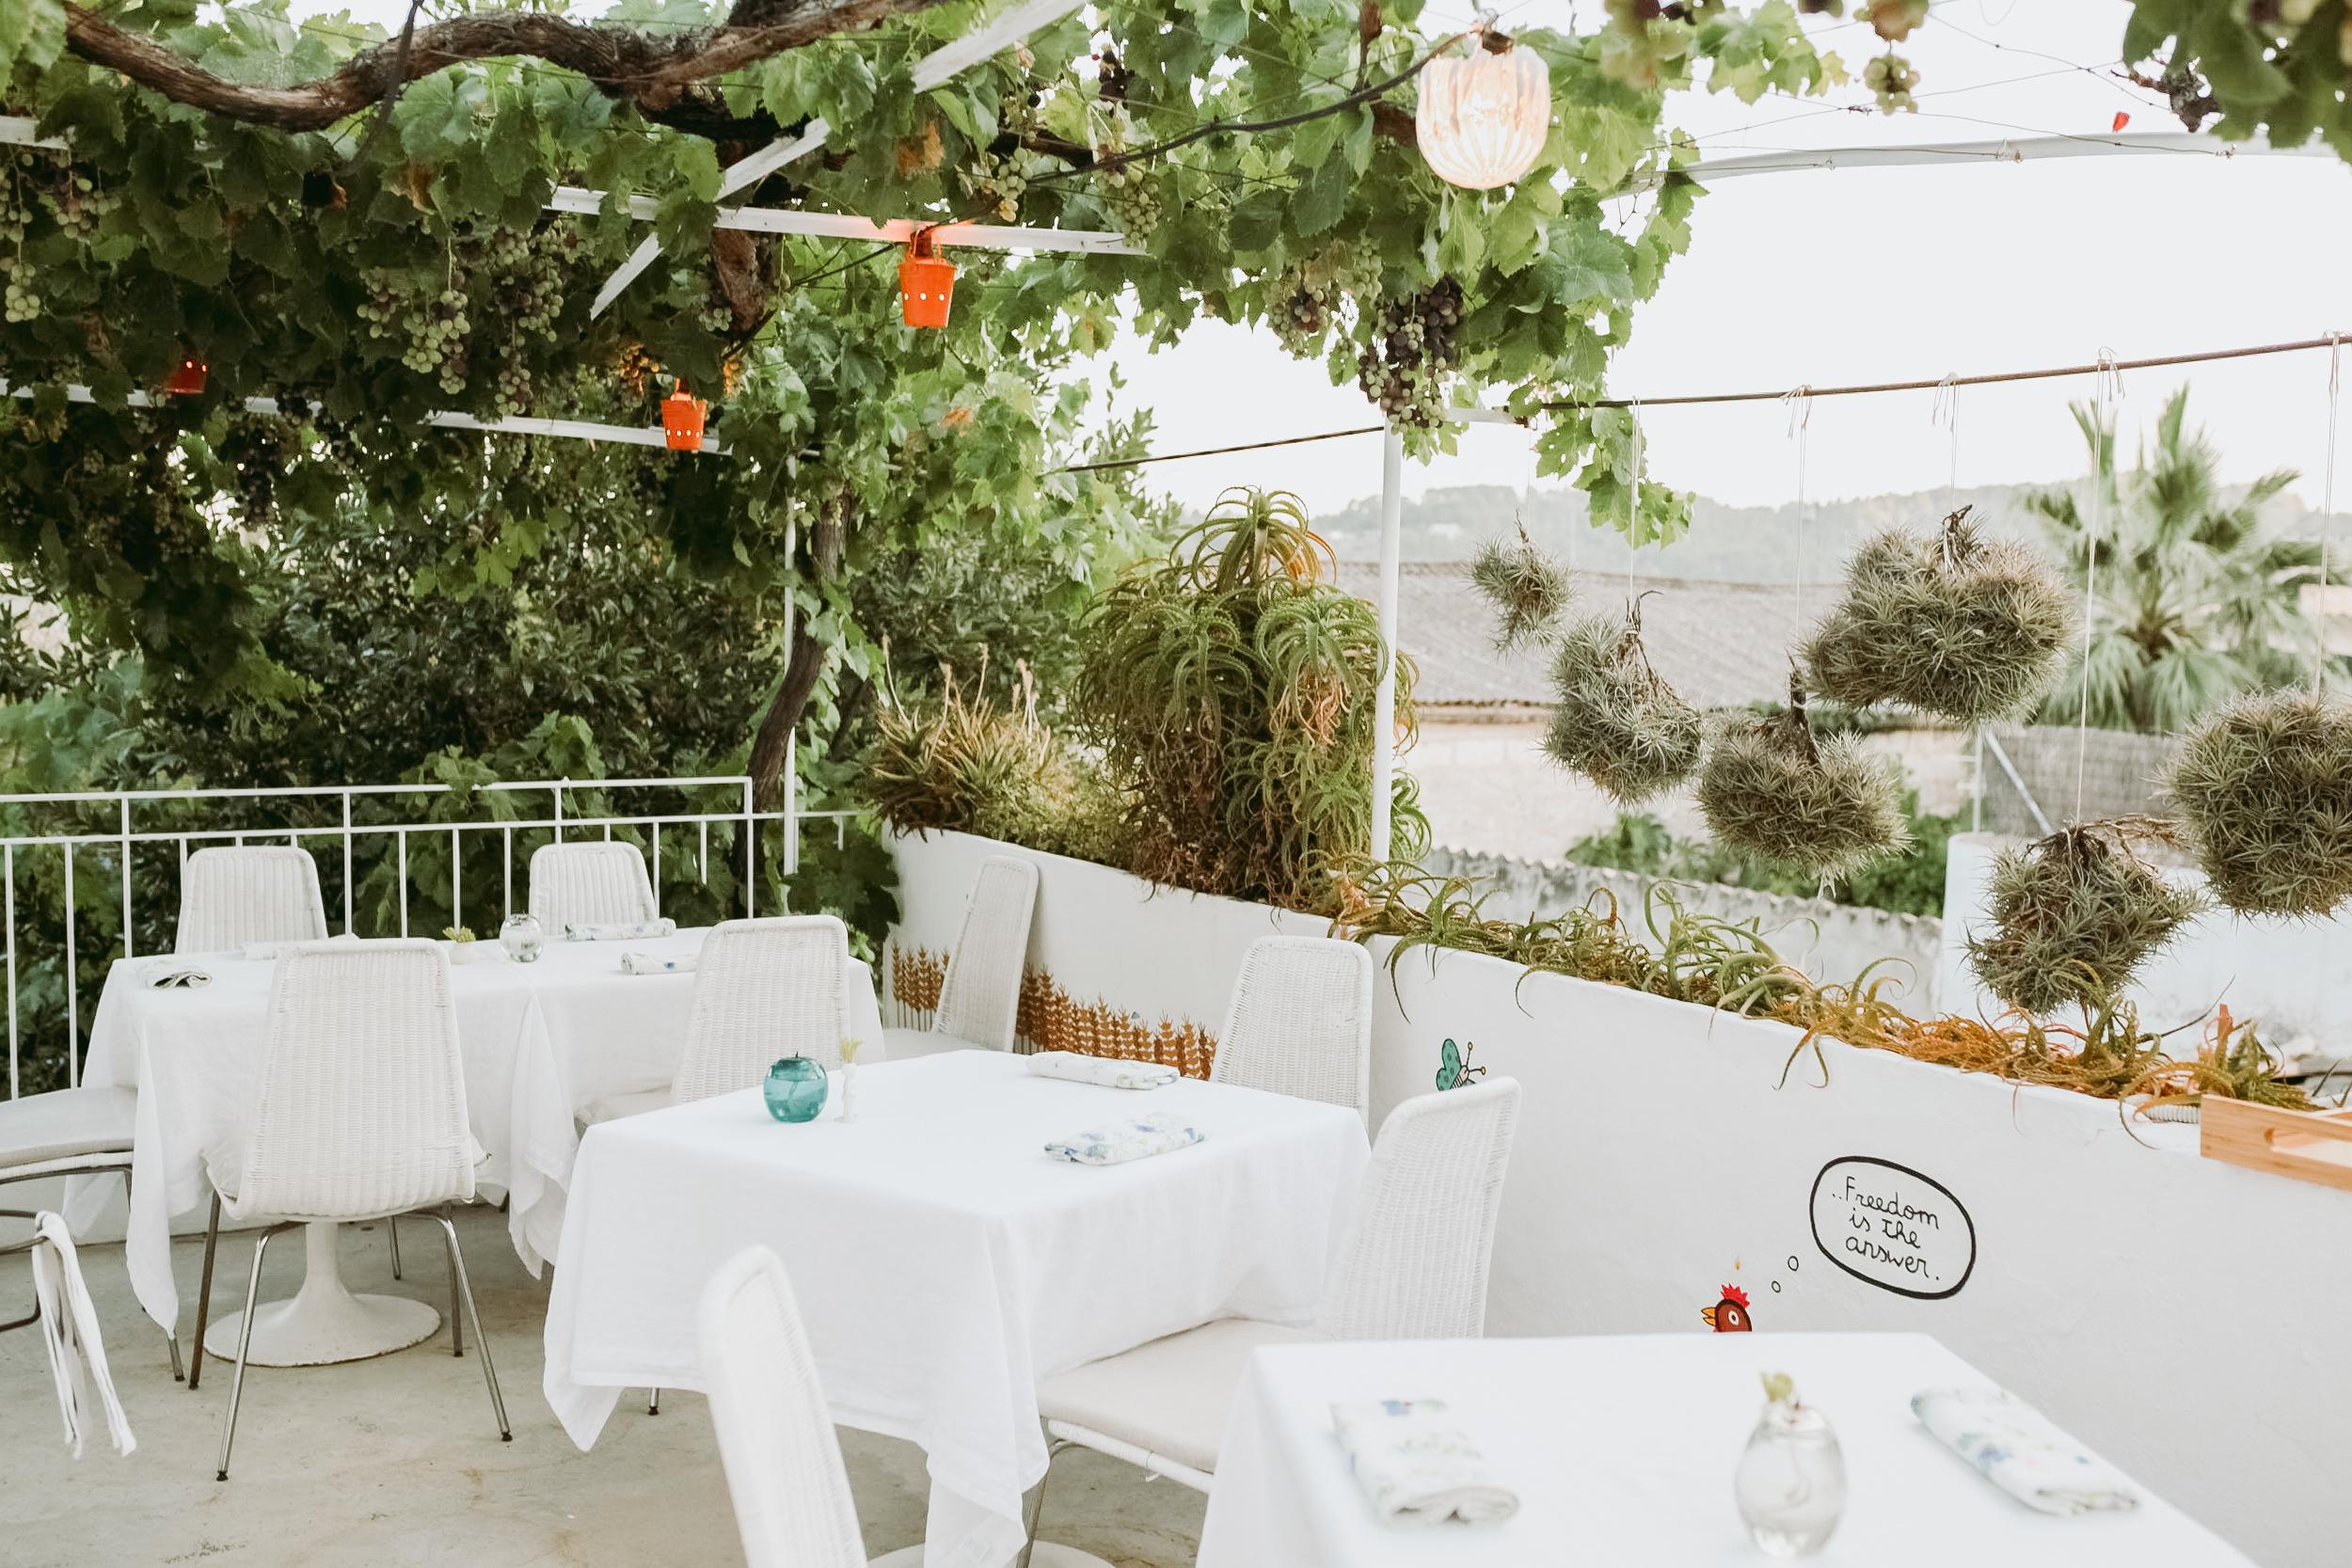 RESTAURANT CANATONETA - Ein Lieblingsort ganz in der Nähe von Can Miret: das Restaurant Ca Na To Ne Ta – geleitet von Frauen. Viele kleine Gerichte, mit lokalen Spezialitäten und Produkten neu interpretiert, überraschen und verwöhnen Gaumen und Augen gleichermaßen.